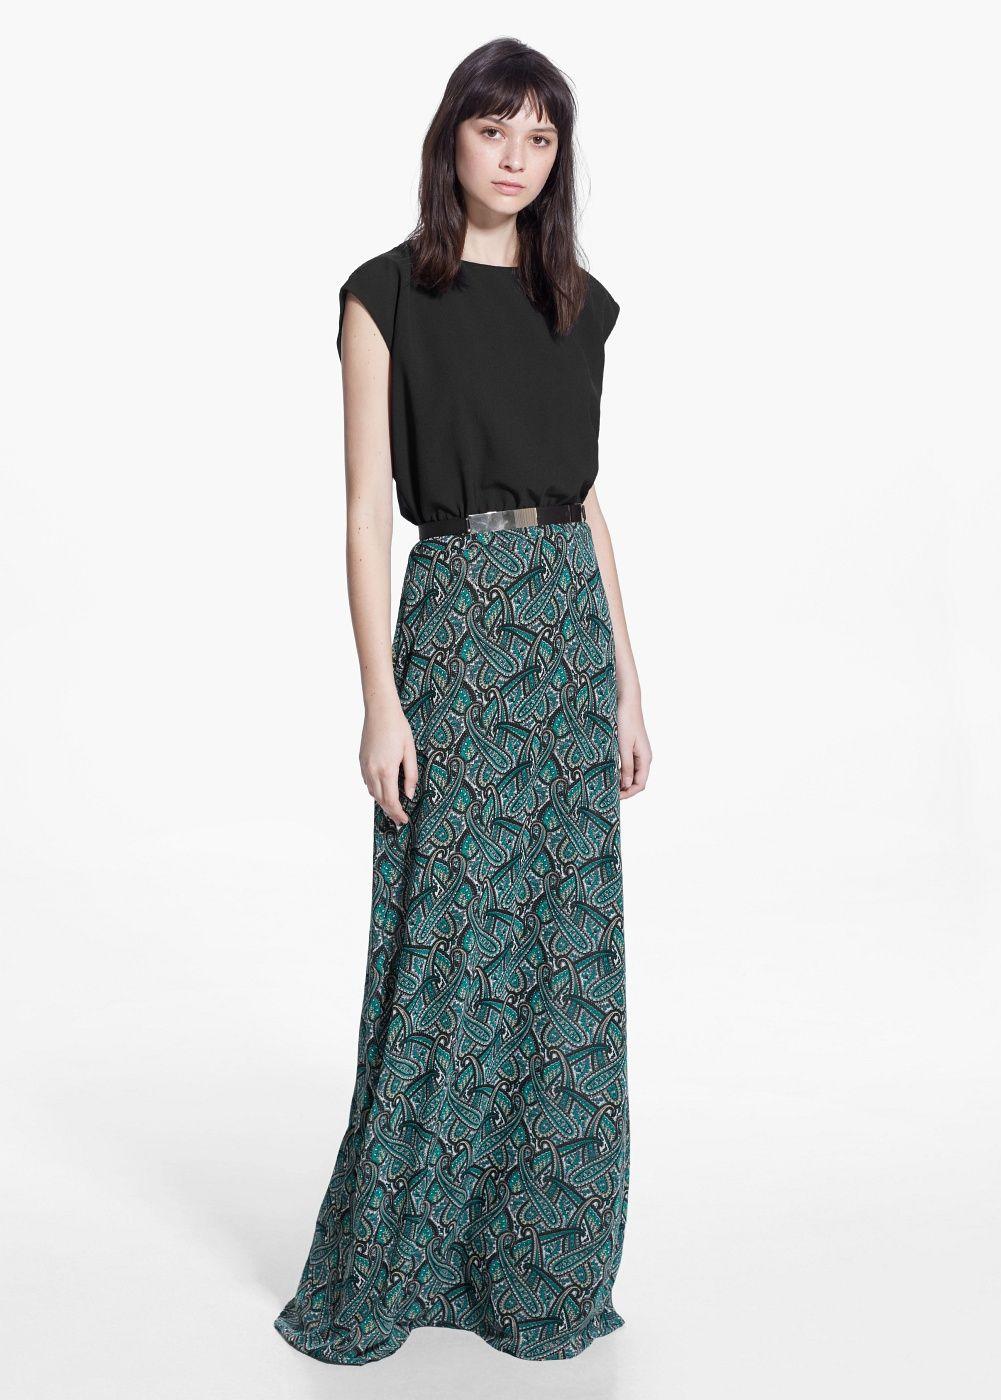 Lange paisley-jurk - Dames   Mango, Für damen und Damen